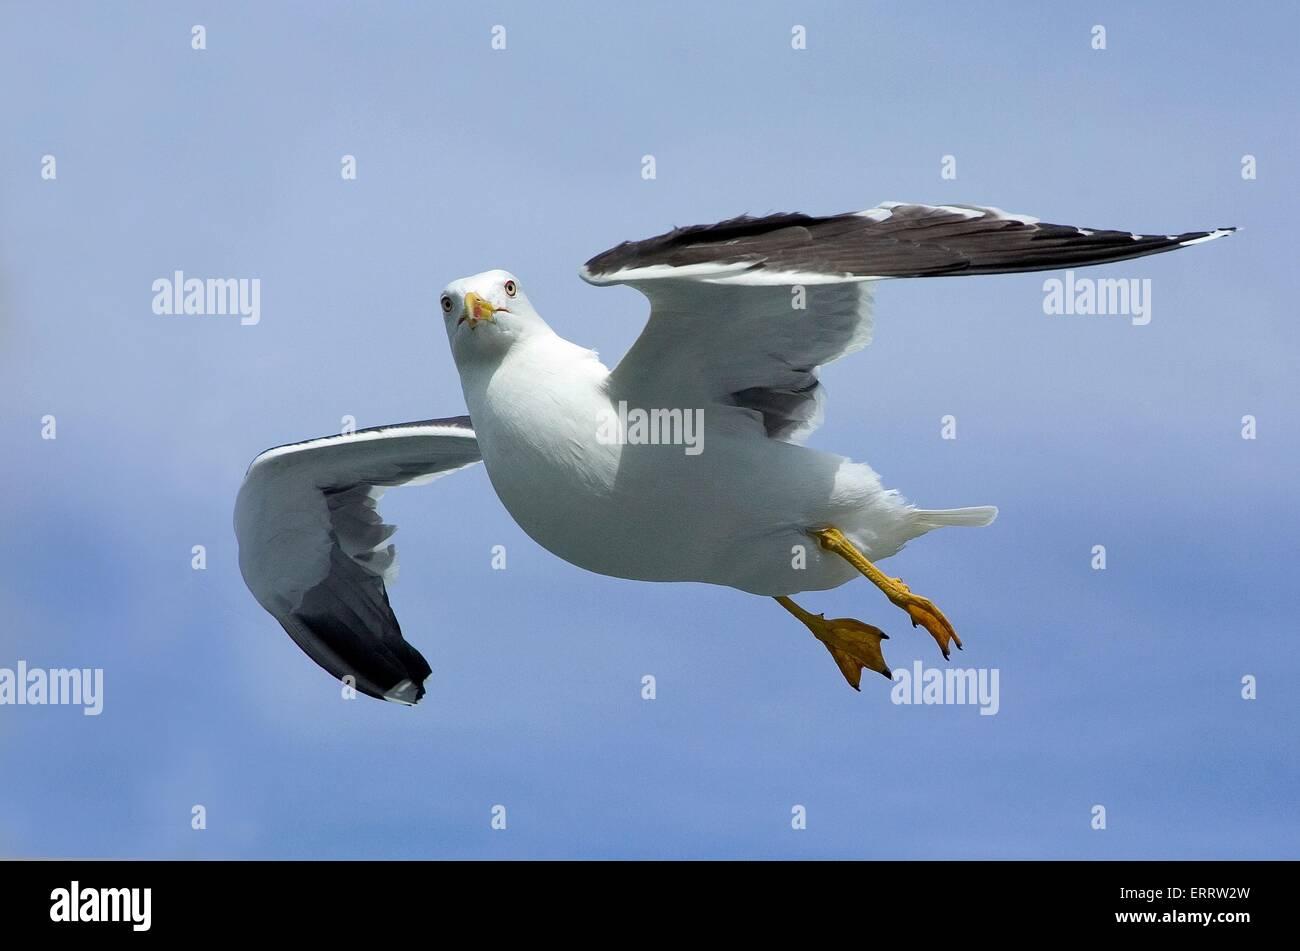 flying Lesser Black-backed Gull Stock Photo